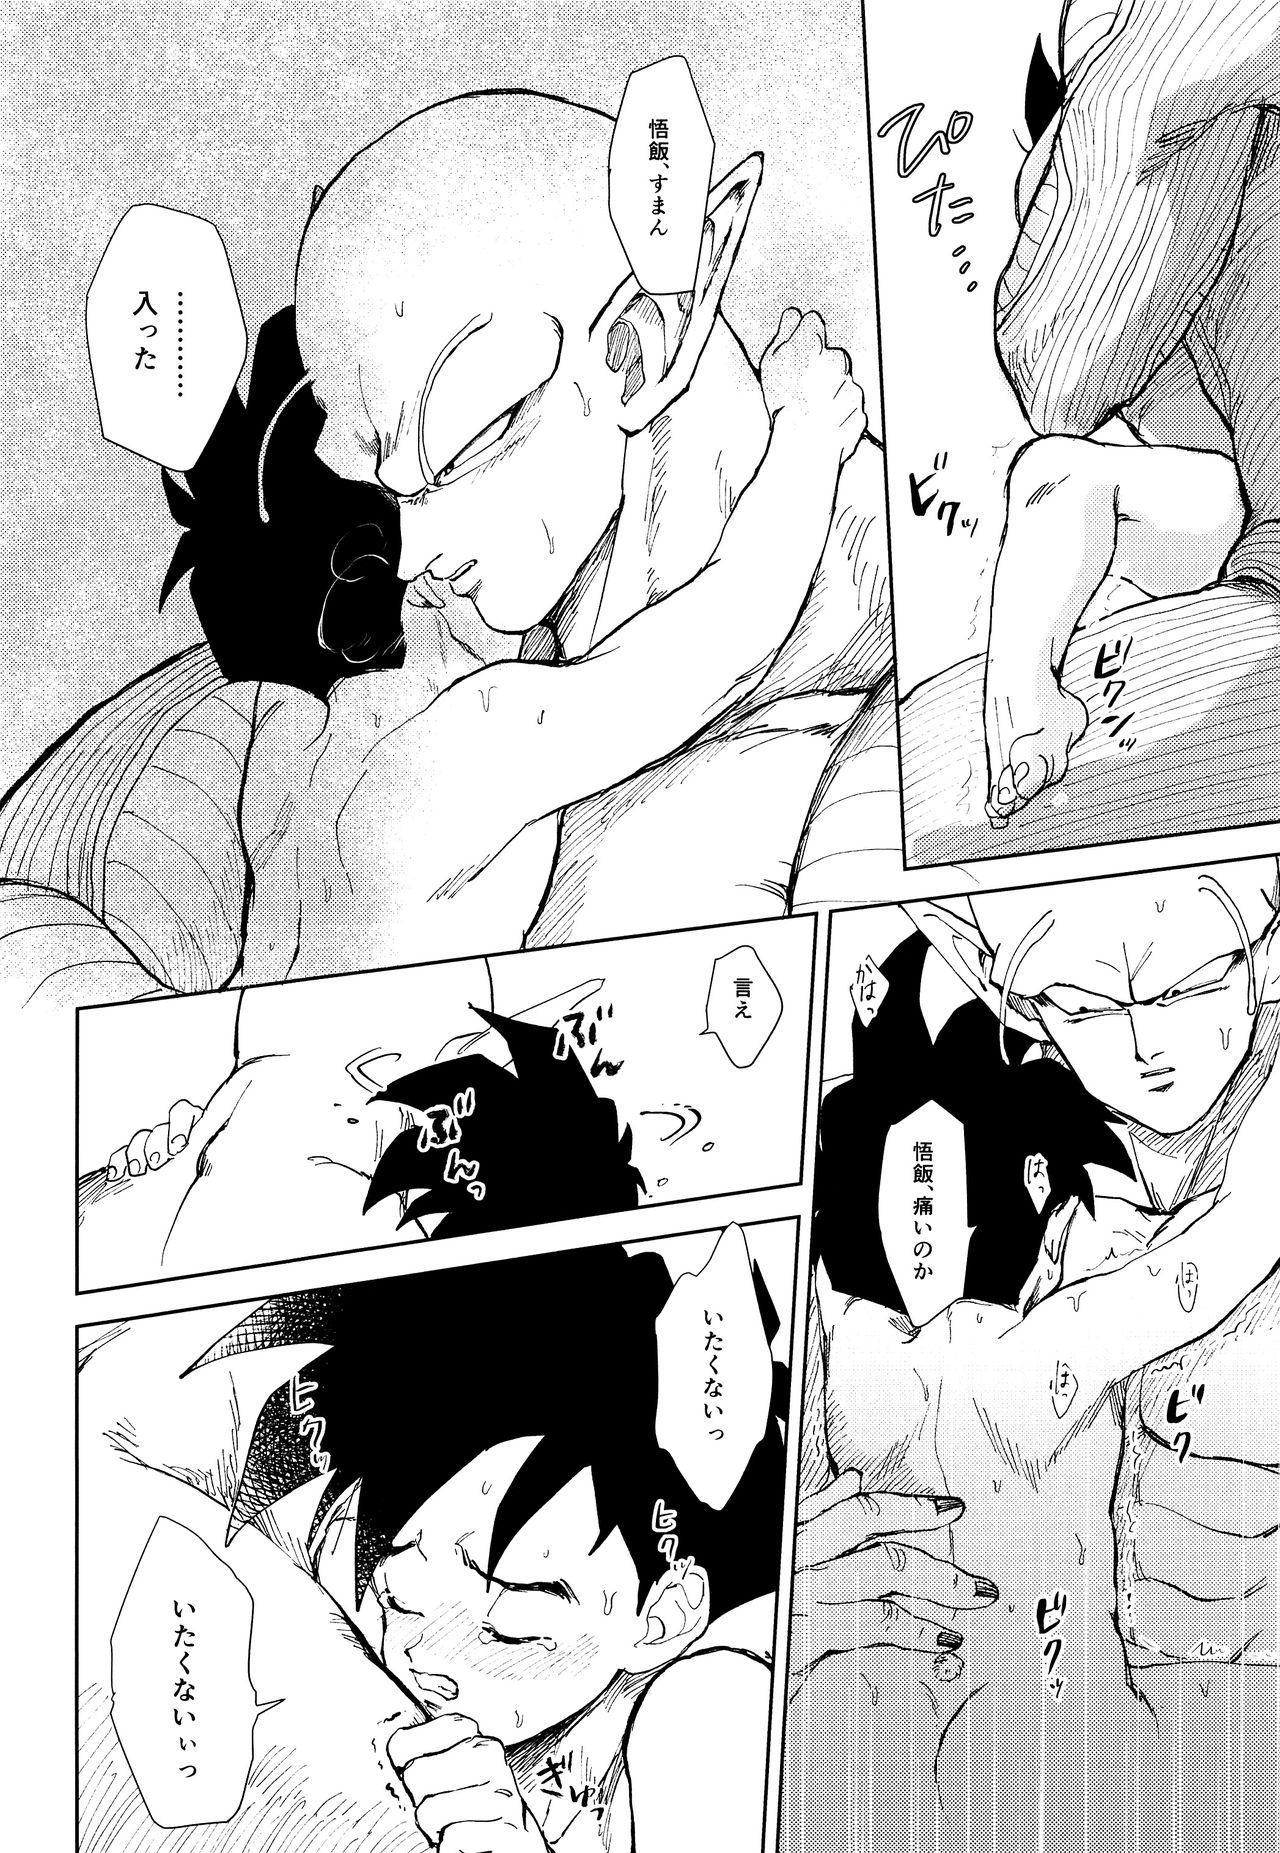 Tsuki ni Somuite 12